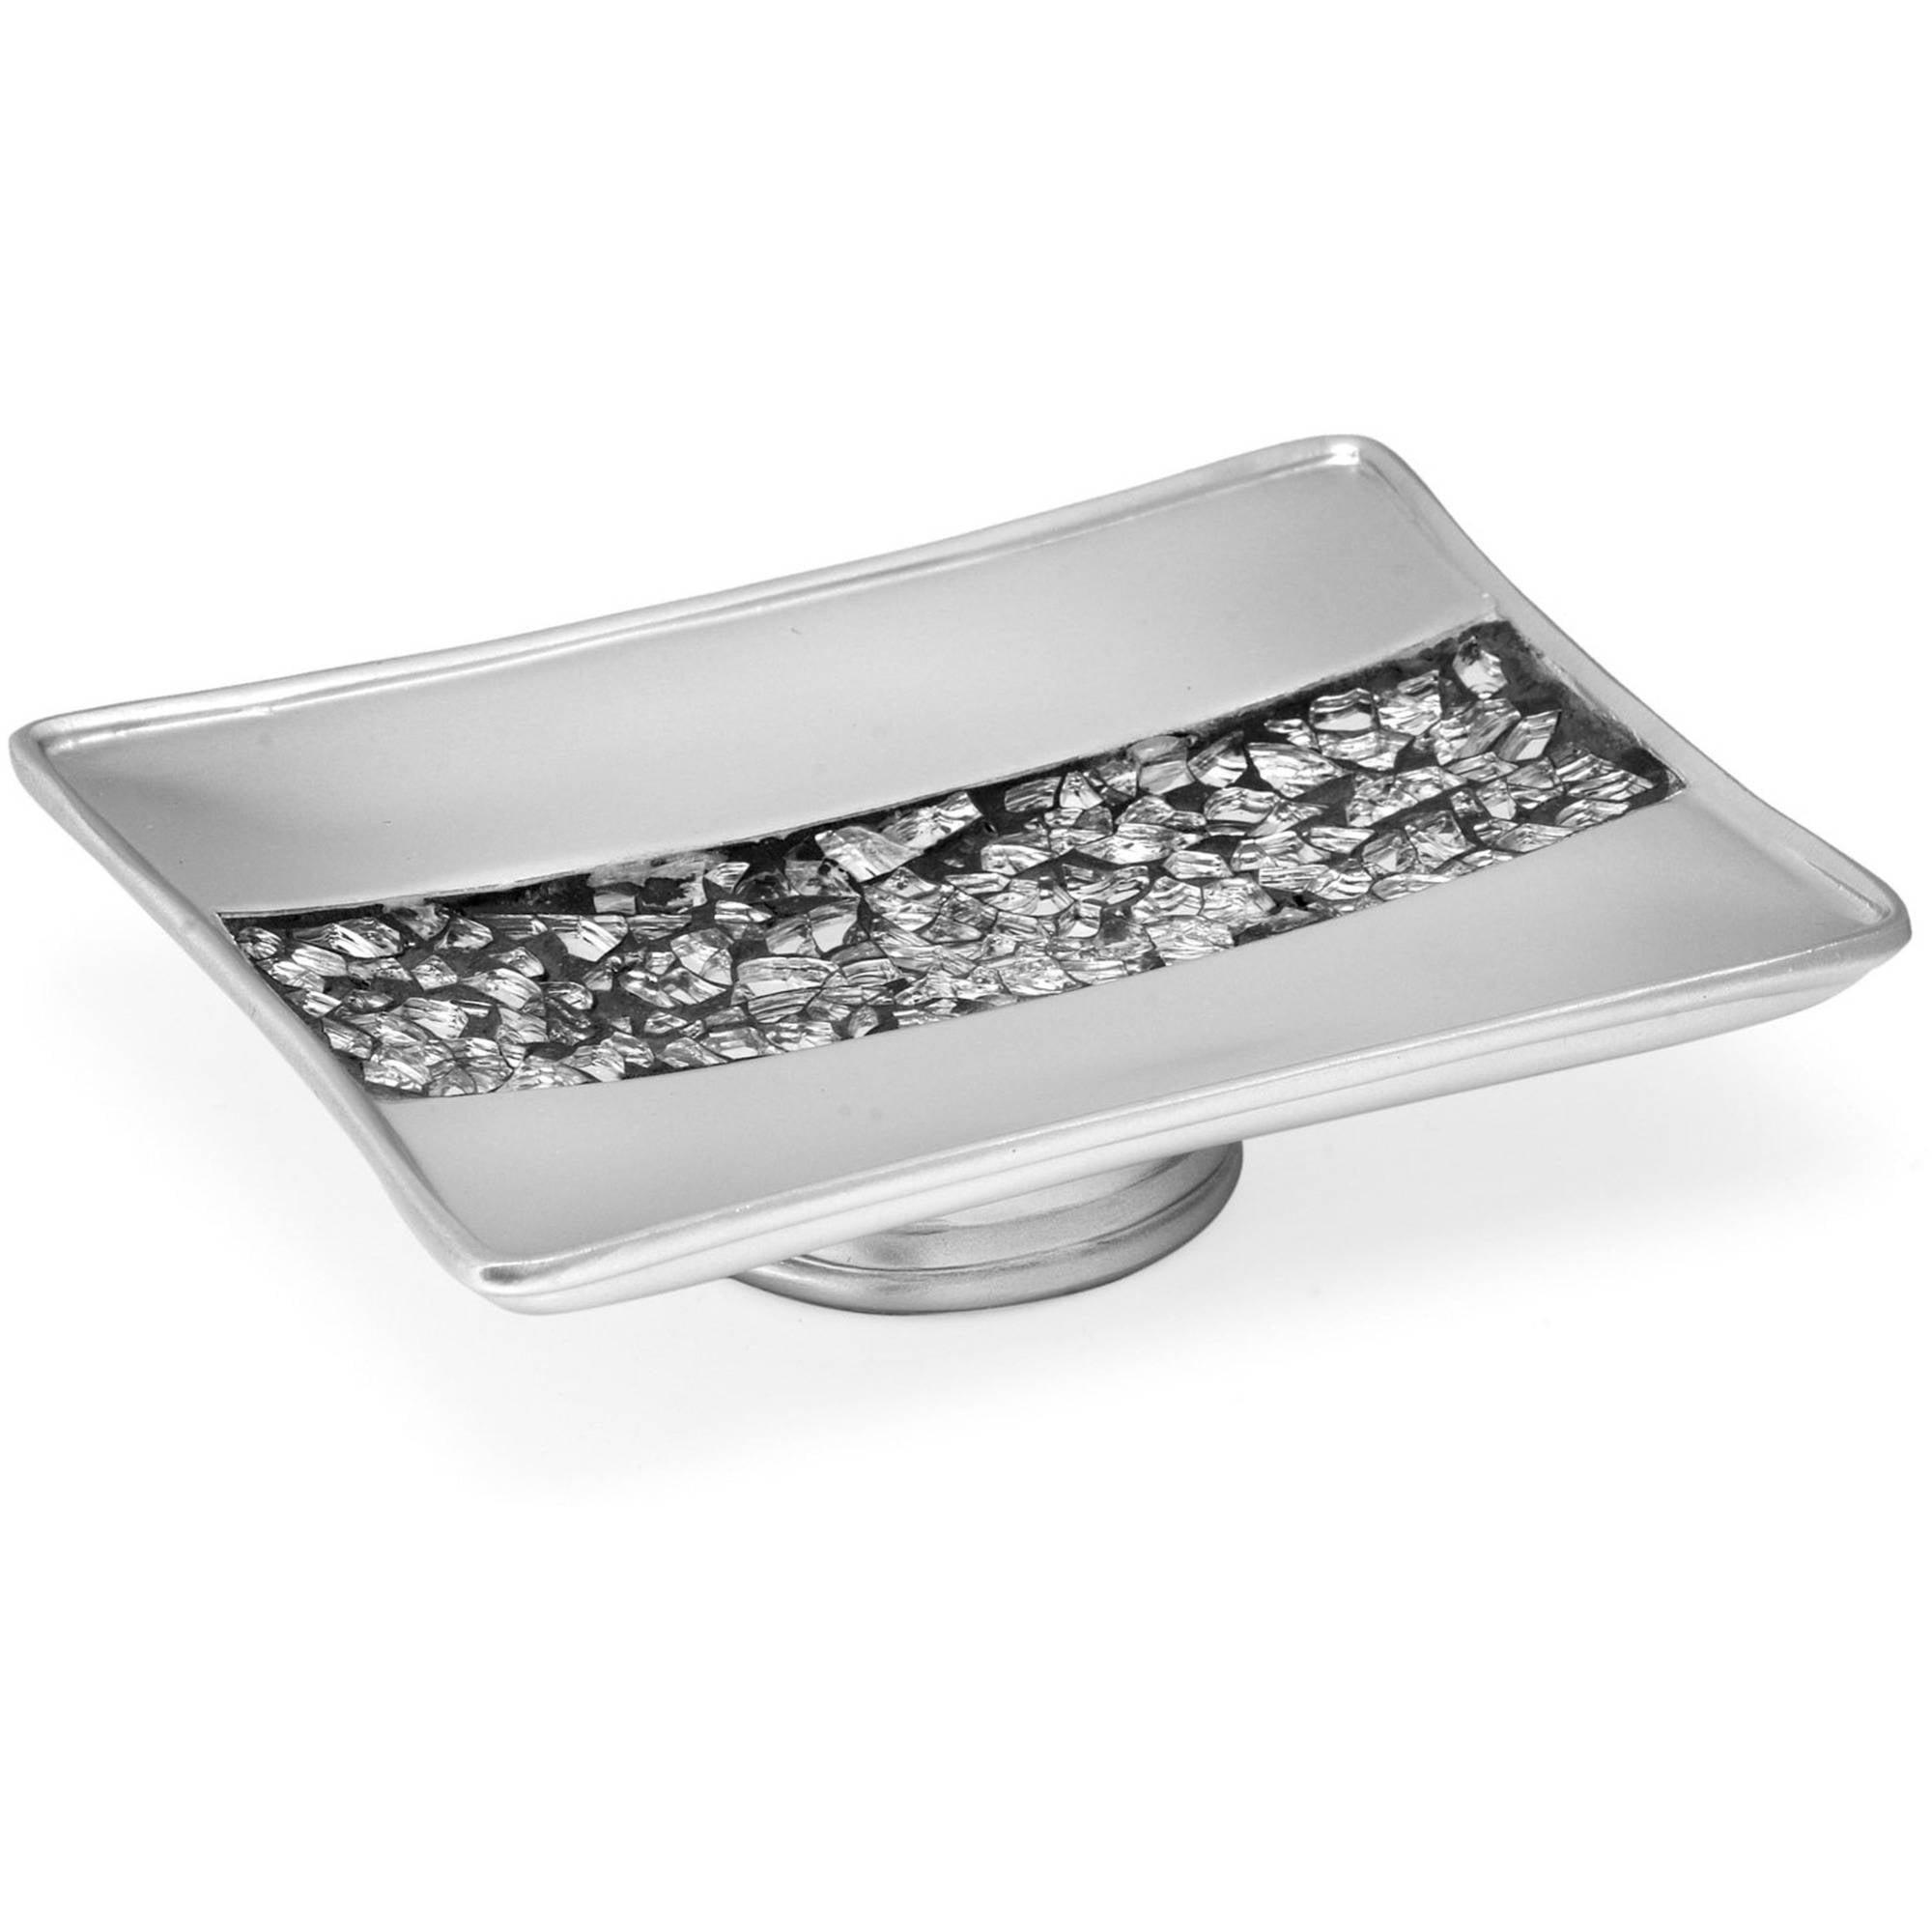 Popular Bath Sinatra Silver Collection Bathroom Sink Soap